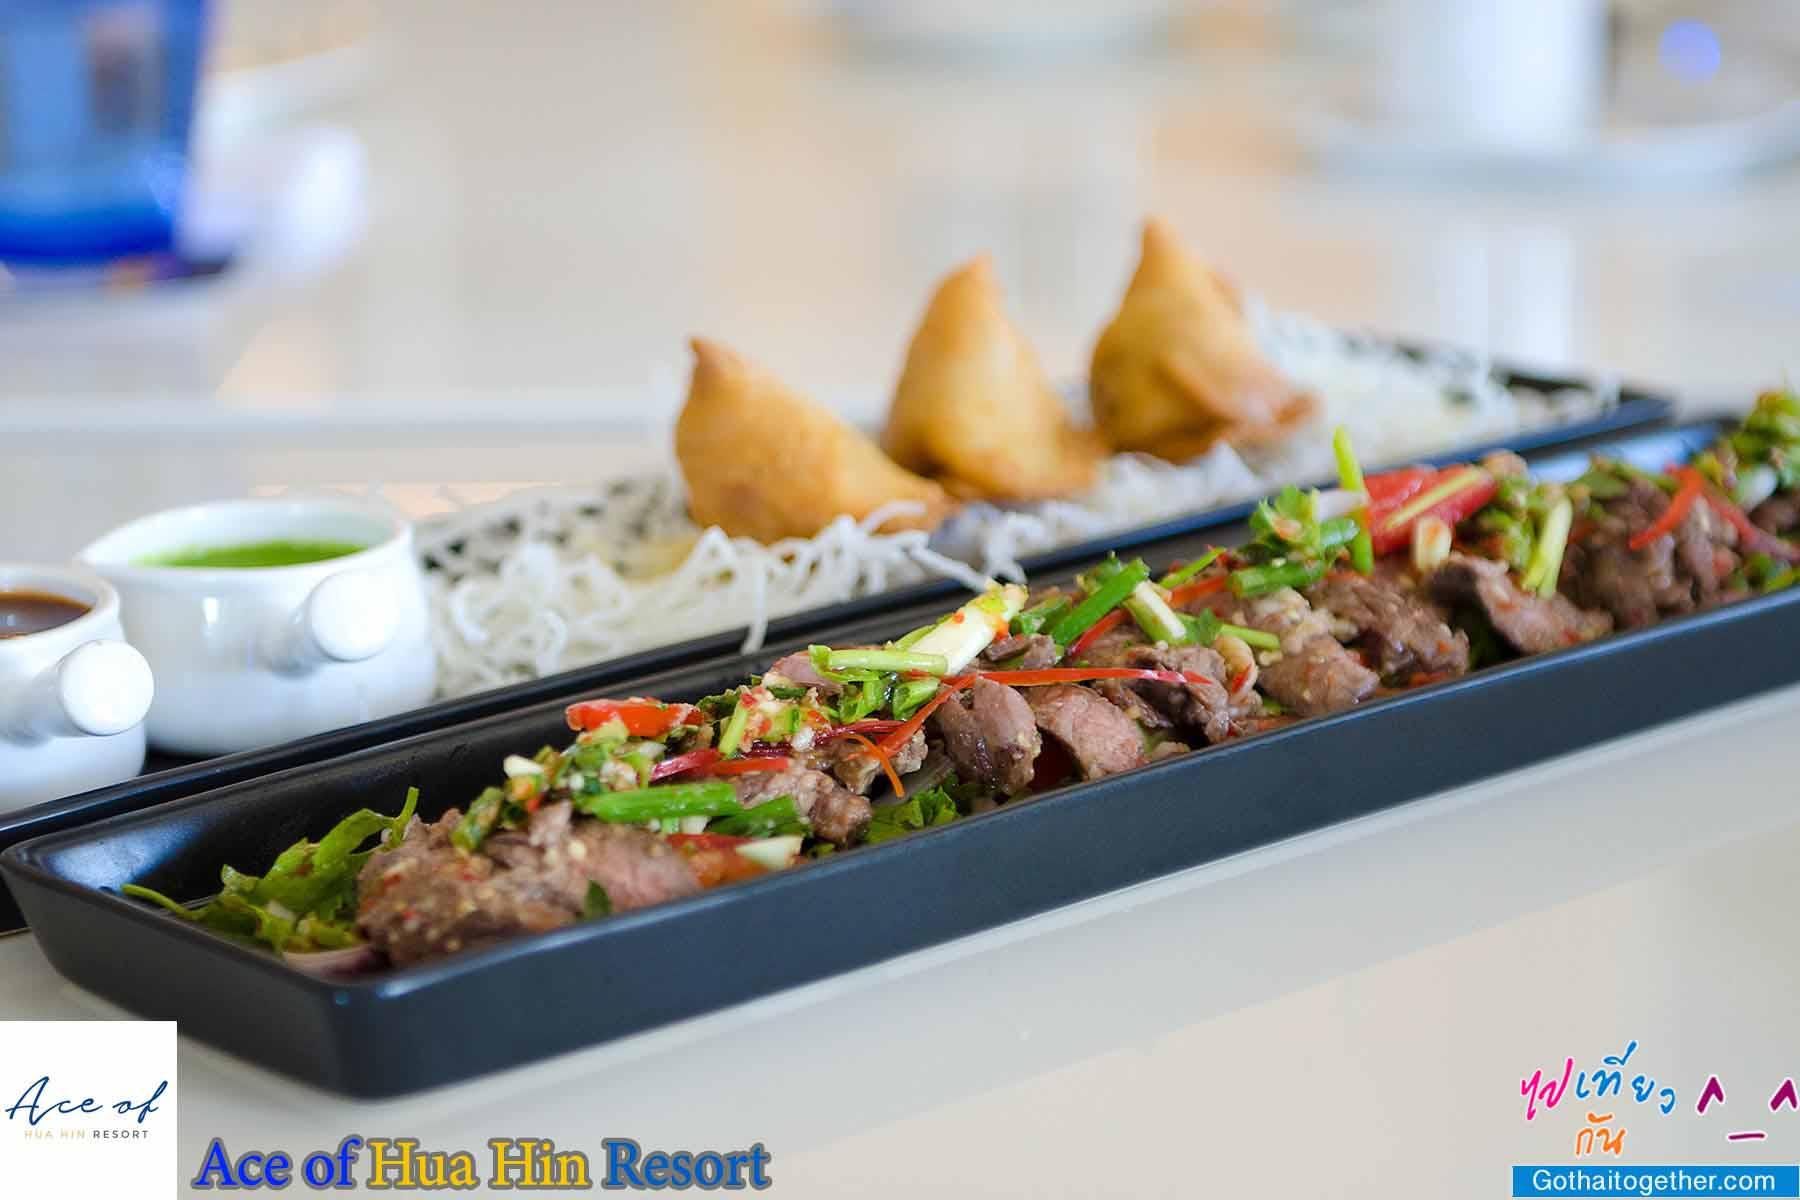 5 จุดเช็คอิน ทะเลใกล้กรุง พักผ่อนมีระดับ ชมวิวชิลไปกับ Ace of Hua Hin Resort 146